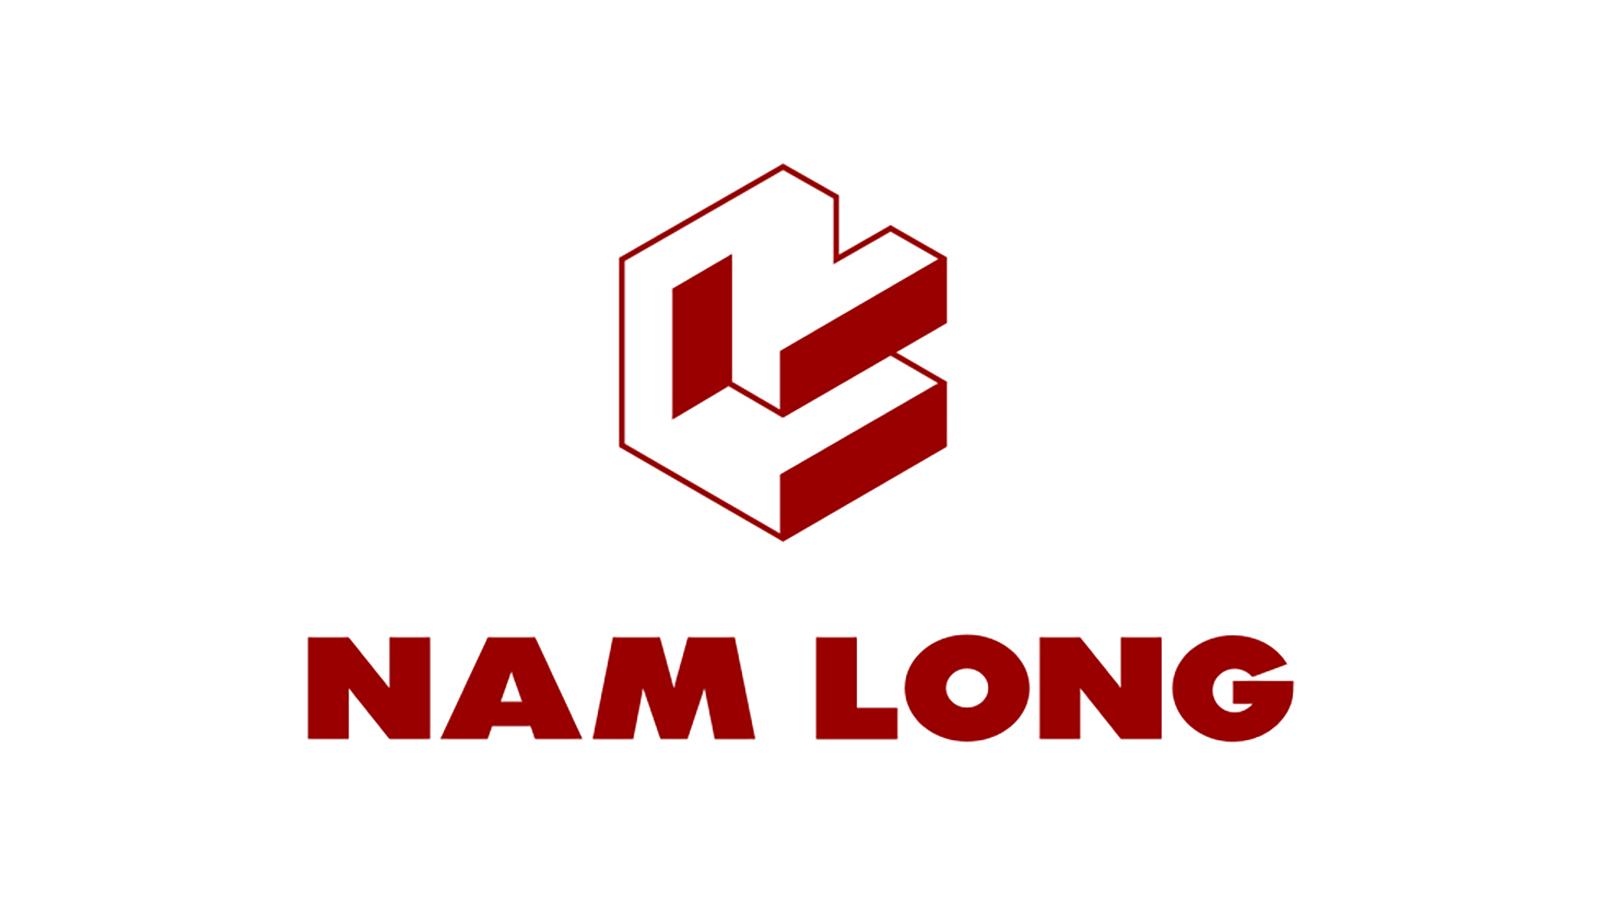 Khuyến nghị ngày 21/02: Công ty cổ phần Đầu tư Nam Long (HOSE)